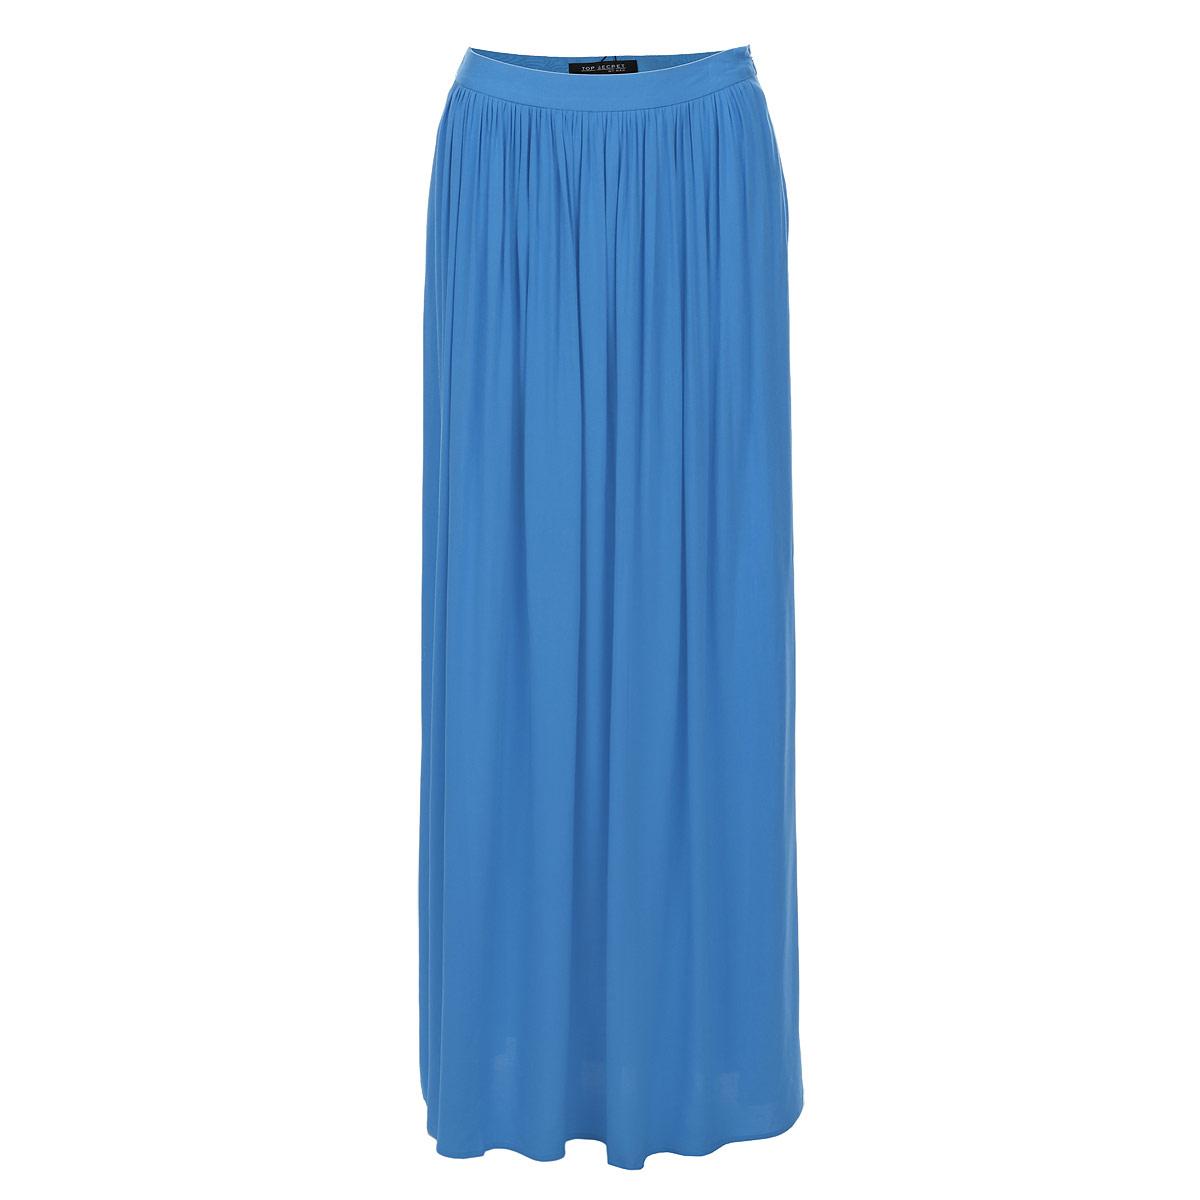 ЮбкаSSD0819NIМодная длинная юбка Top Secret станет прекрасным дополнением вашего гардероба. Изготовленная из 100% вискозы, она очень мягкая на ощупь, не раздражает кожу и хорошо вентилируется. Модель макси длины на поясе застегивается на скрытую застежку-молнию и дополнительно на крючок. Эффектная юбка позволит вам создать неповторимый женственный образ.